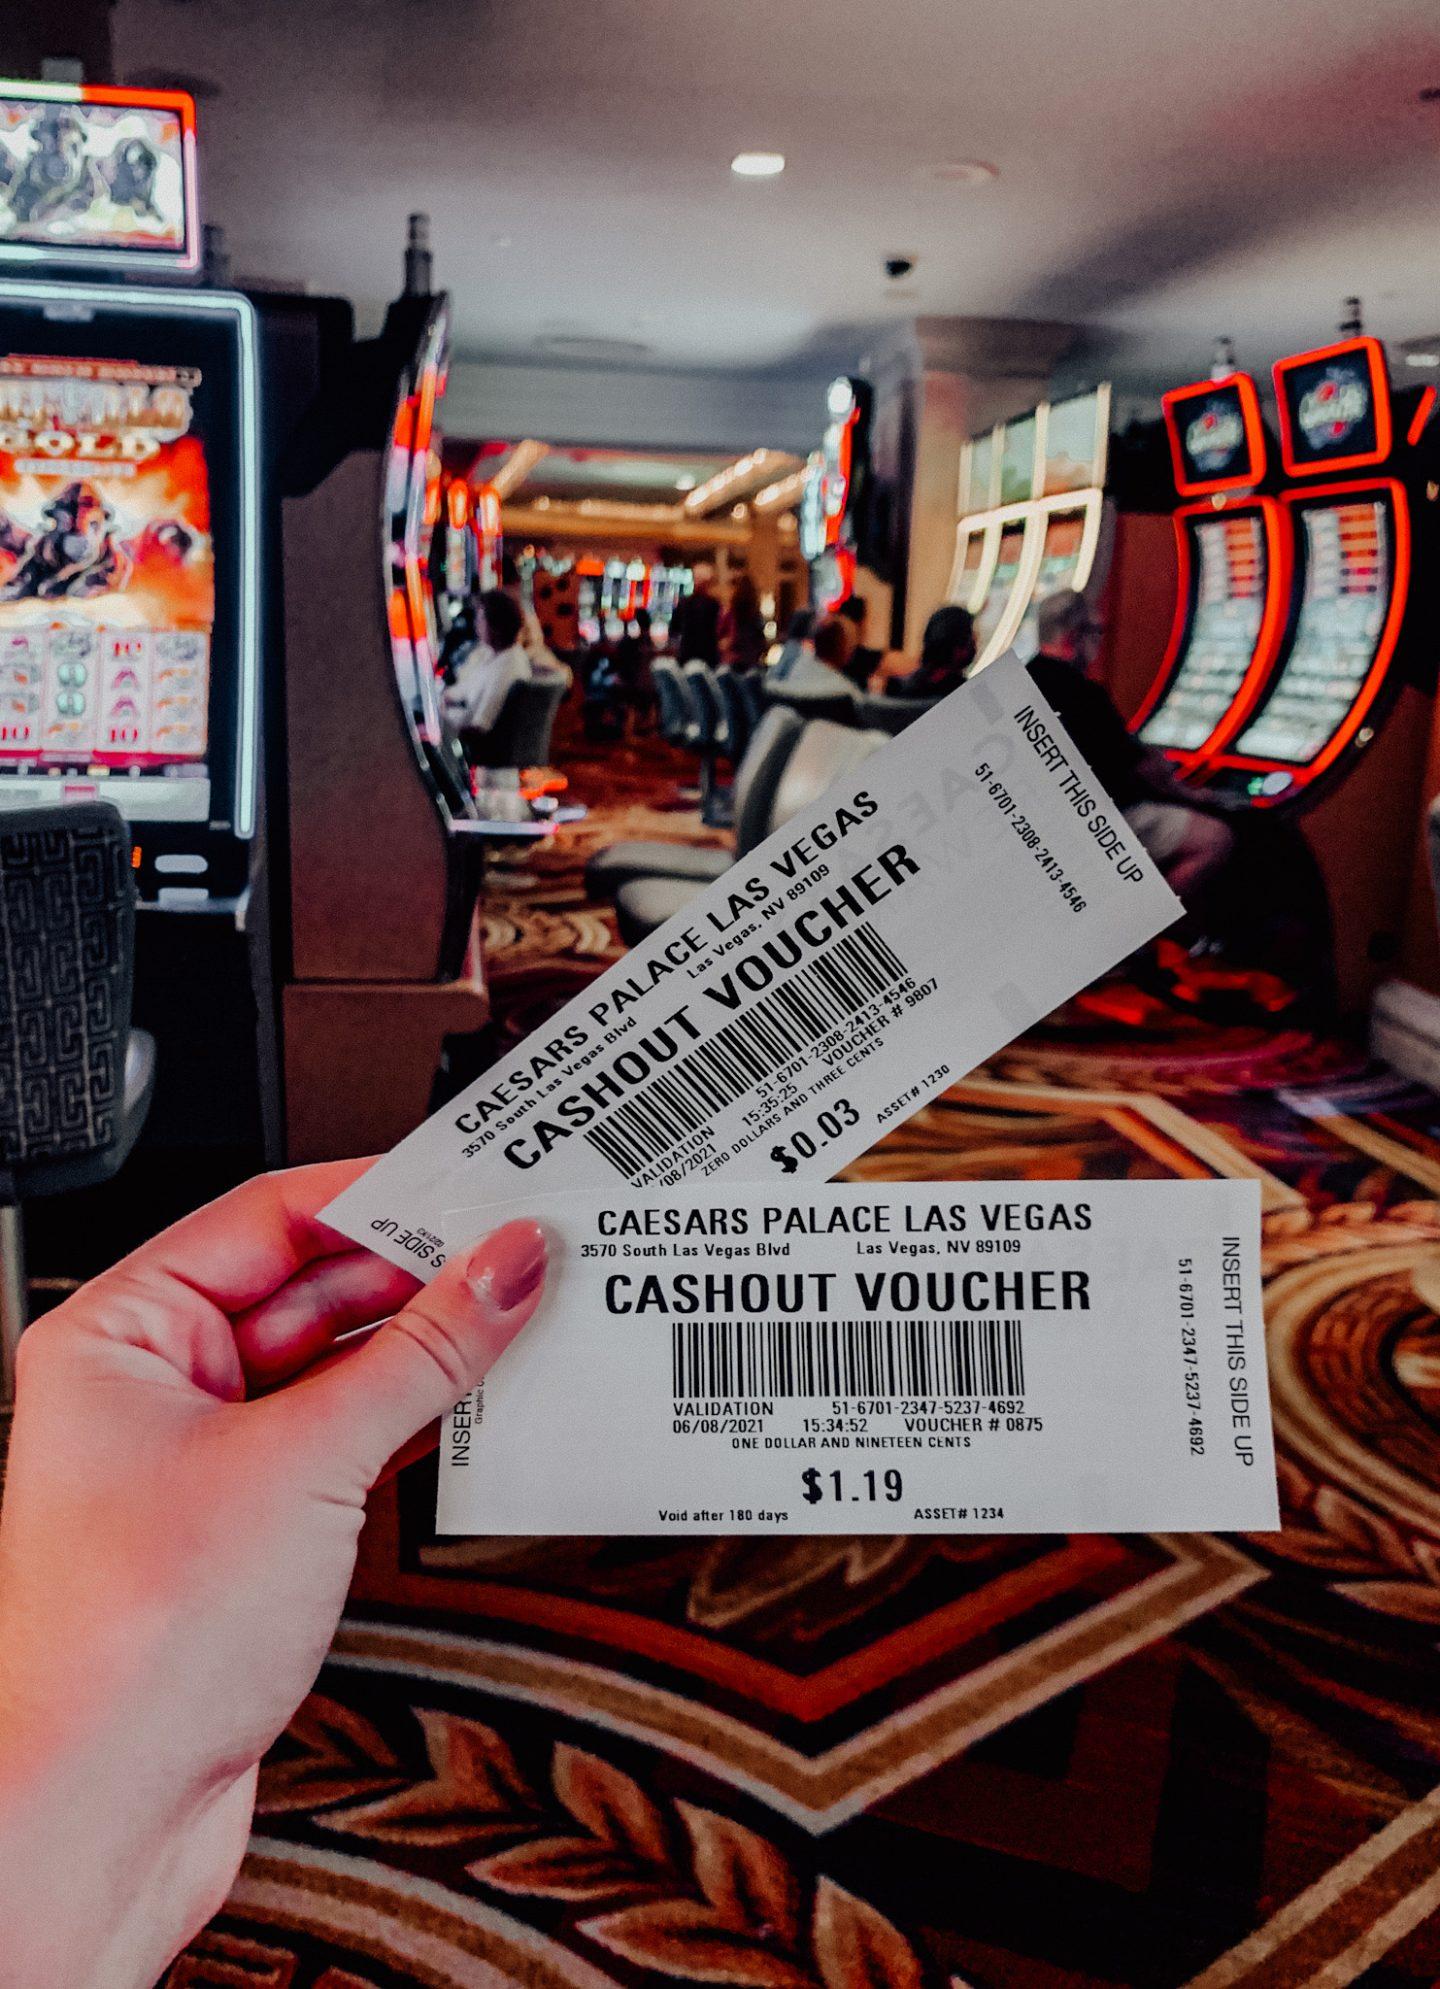 Gambling at Caesar's Palace